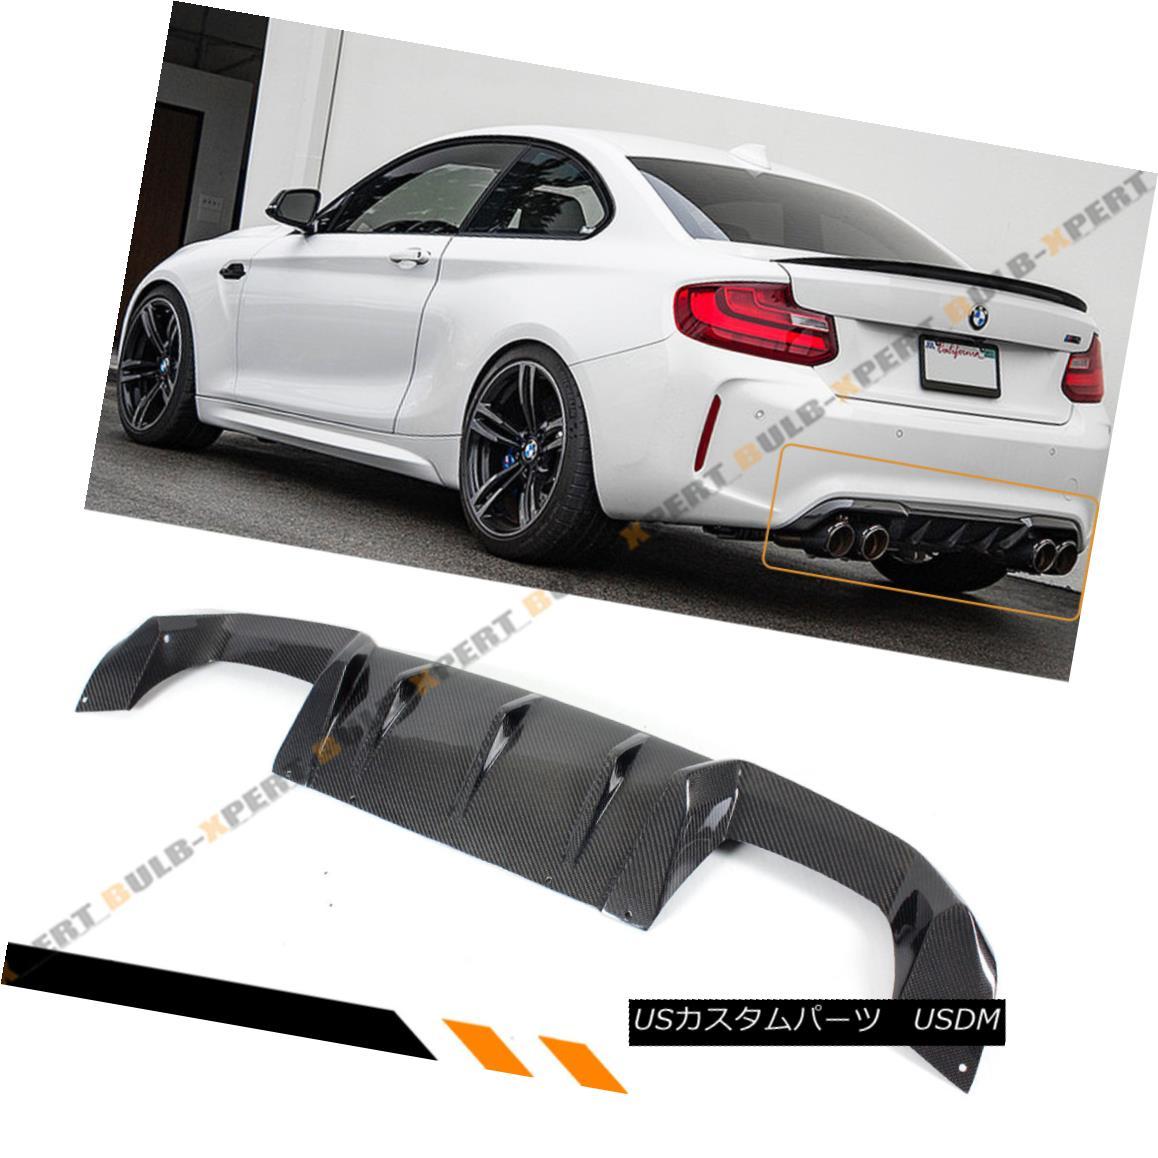 エアロパーツ FOR 2016-2018 BMW F87 M2 PERFORMANCE STYLE CARBON FIBER REAR LIP BUMPER DIFFUSER 2016-2018 BMW F87 M2パフォーマンススタイルカーボンファイバーリアリップバンパーディフューザー